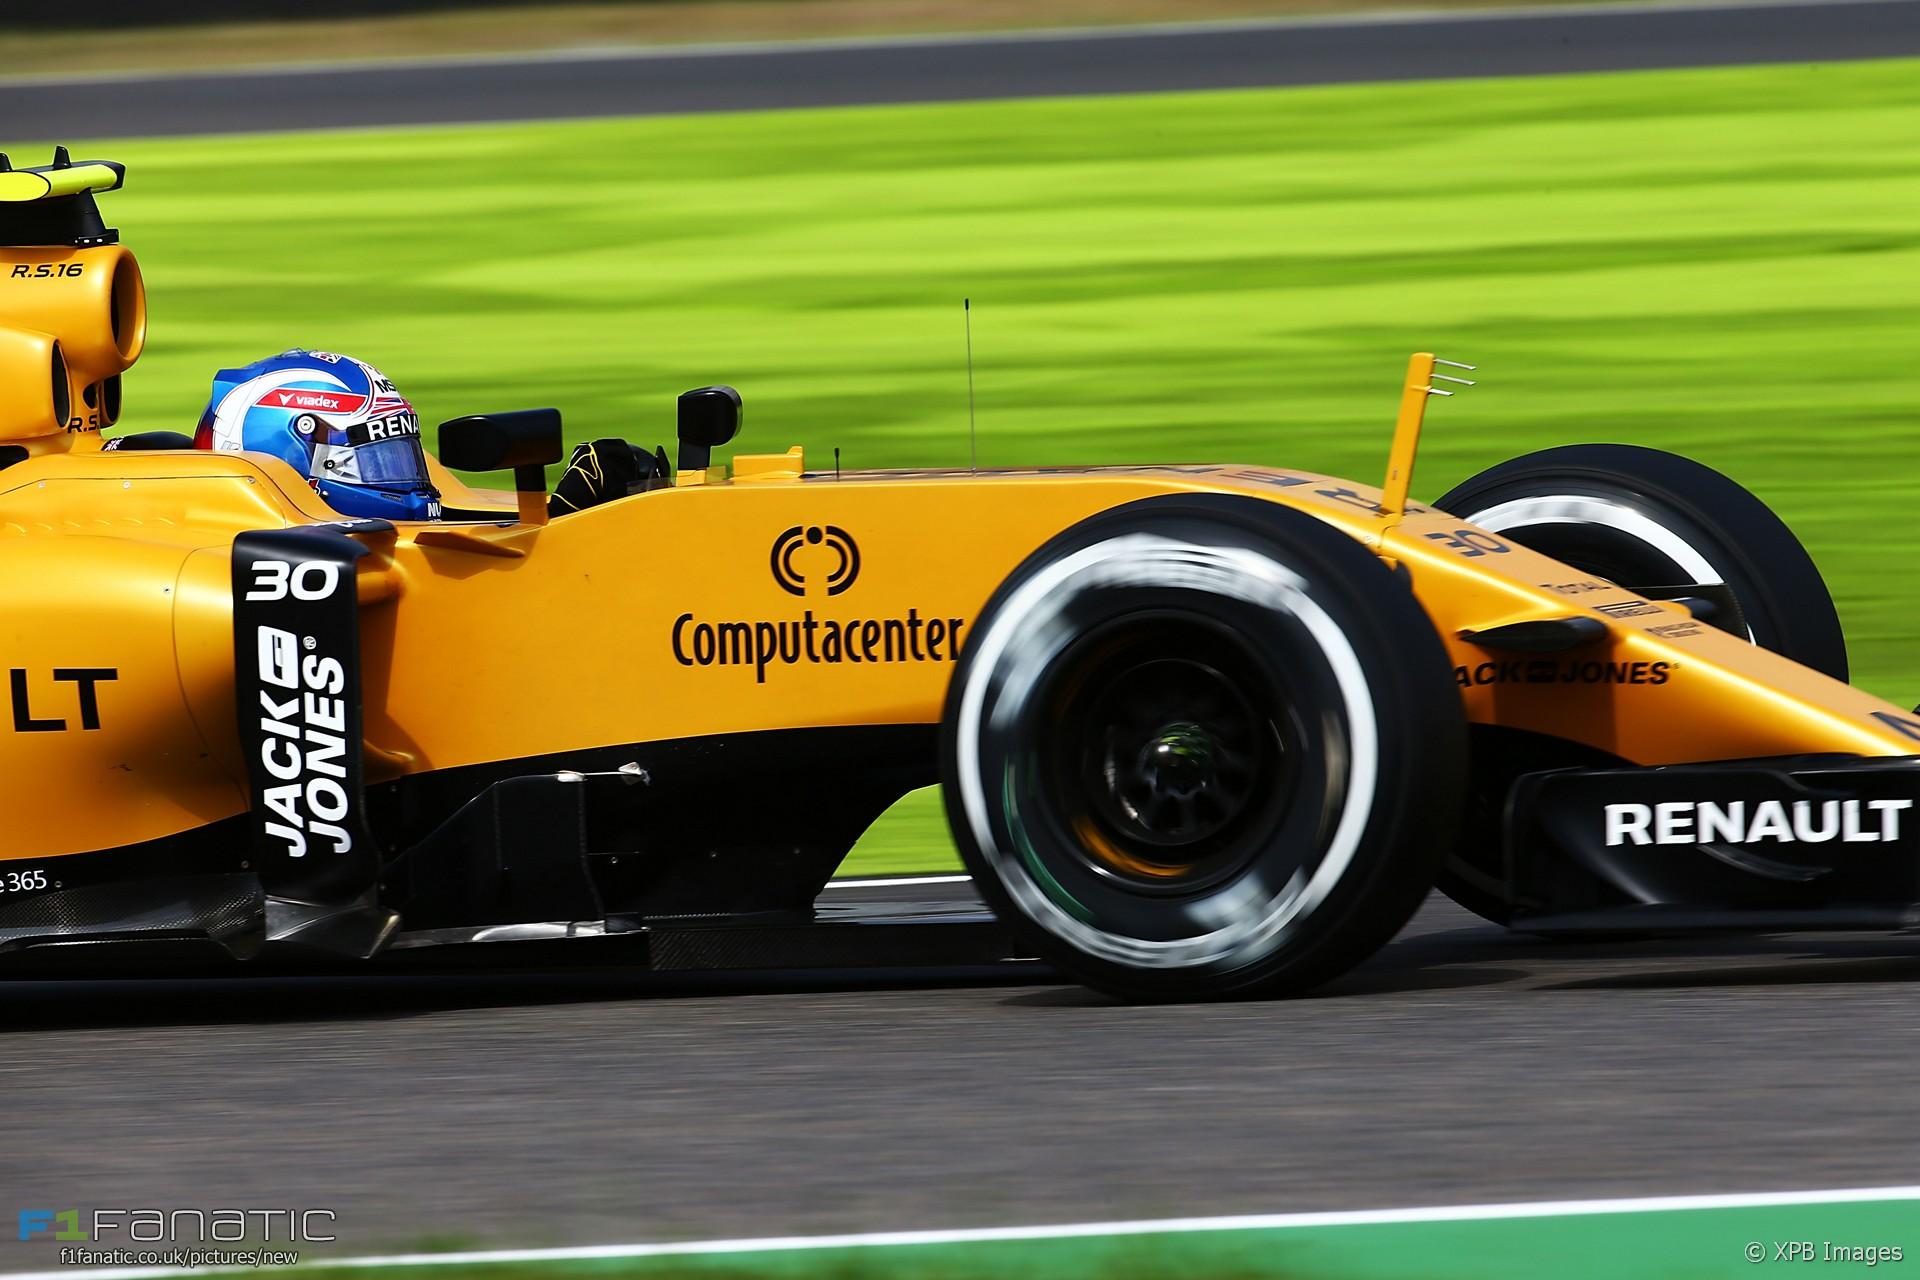 Jolyon Palmer, Renault, Suzuka, 2016